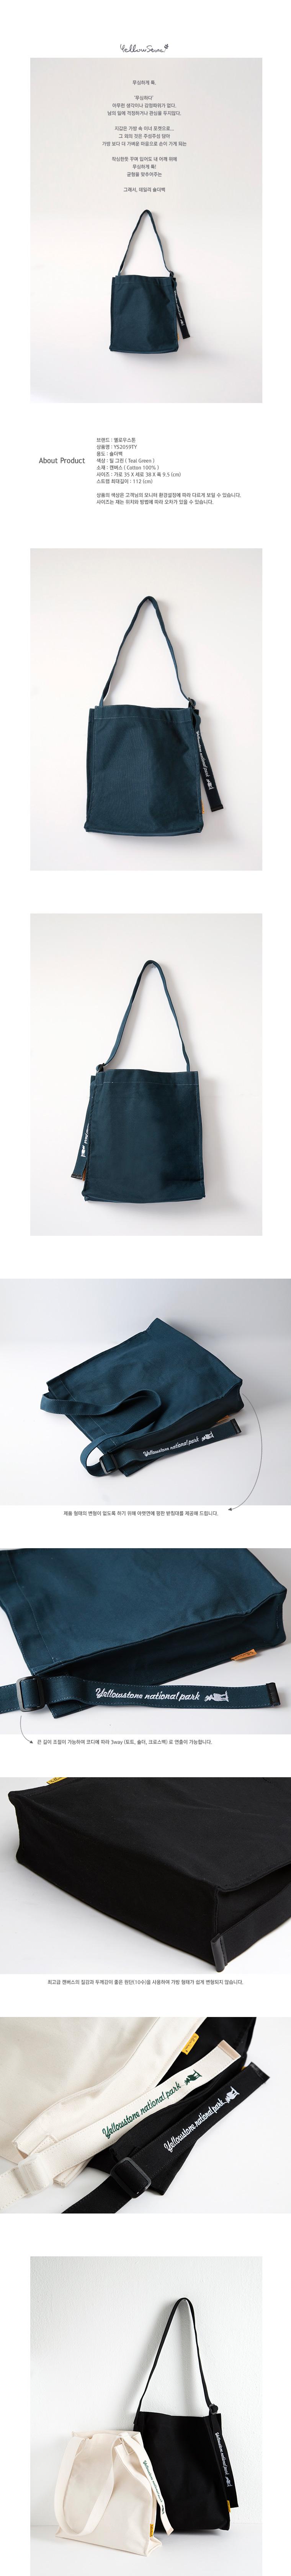 [옐로우스톤] 숄더백 NEEDLEPOINT BAG -YS2059TY 틸그린